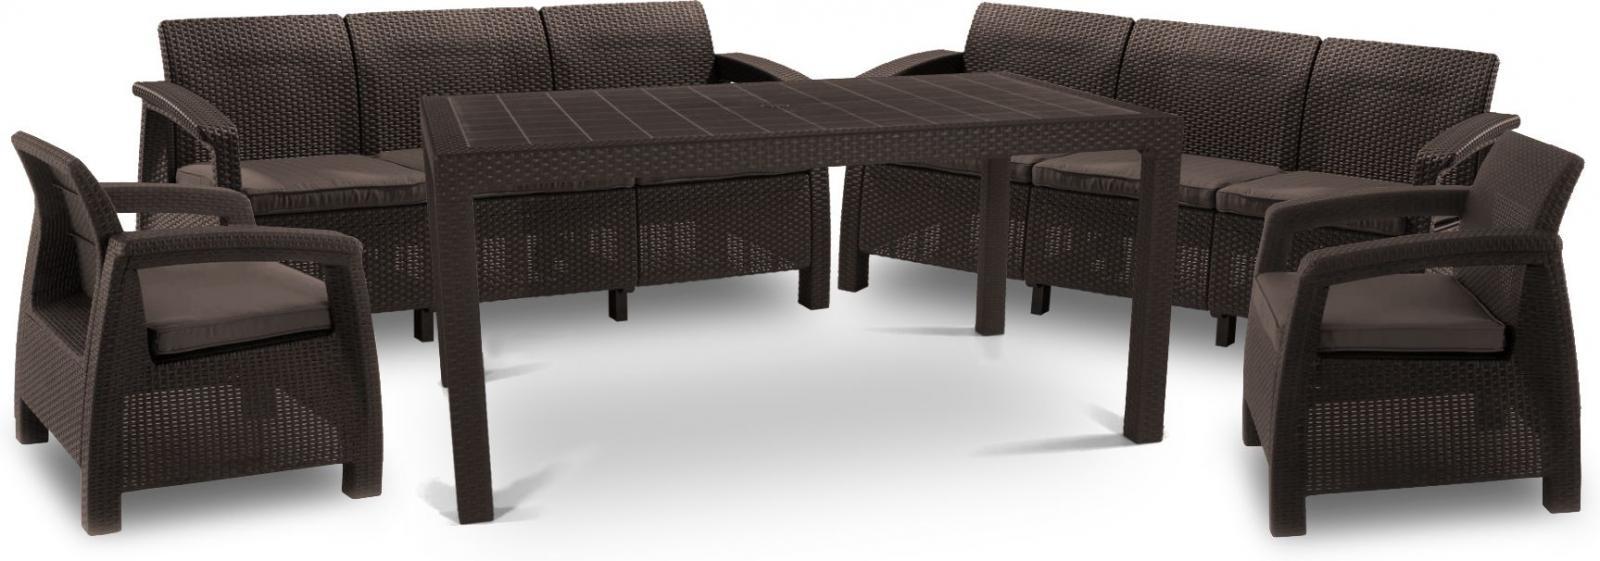 stół ogrodowy brązowy corfu krzesła